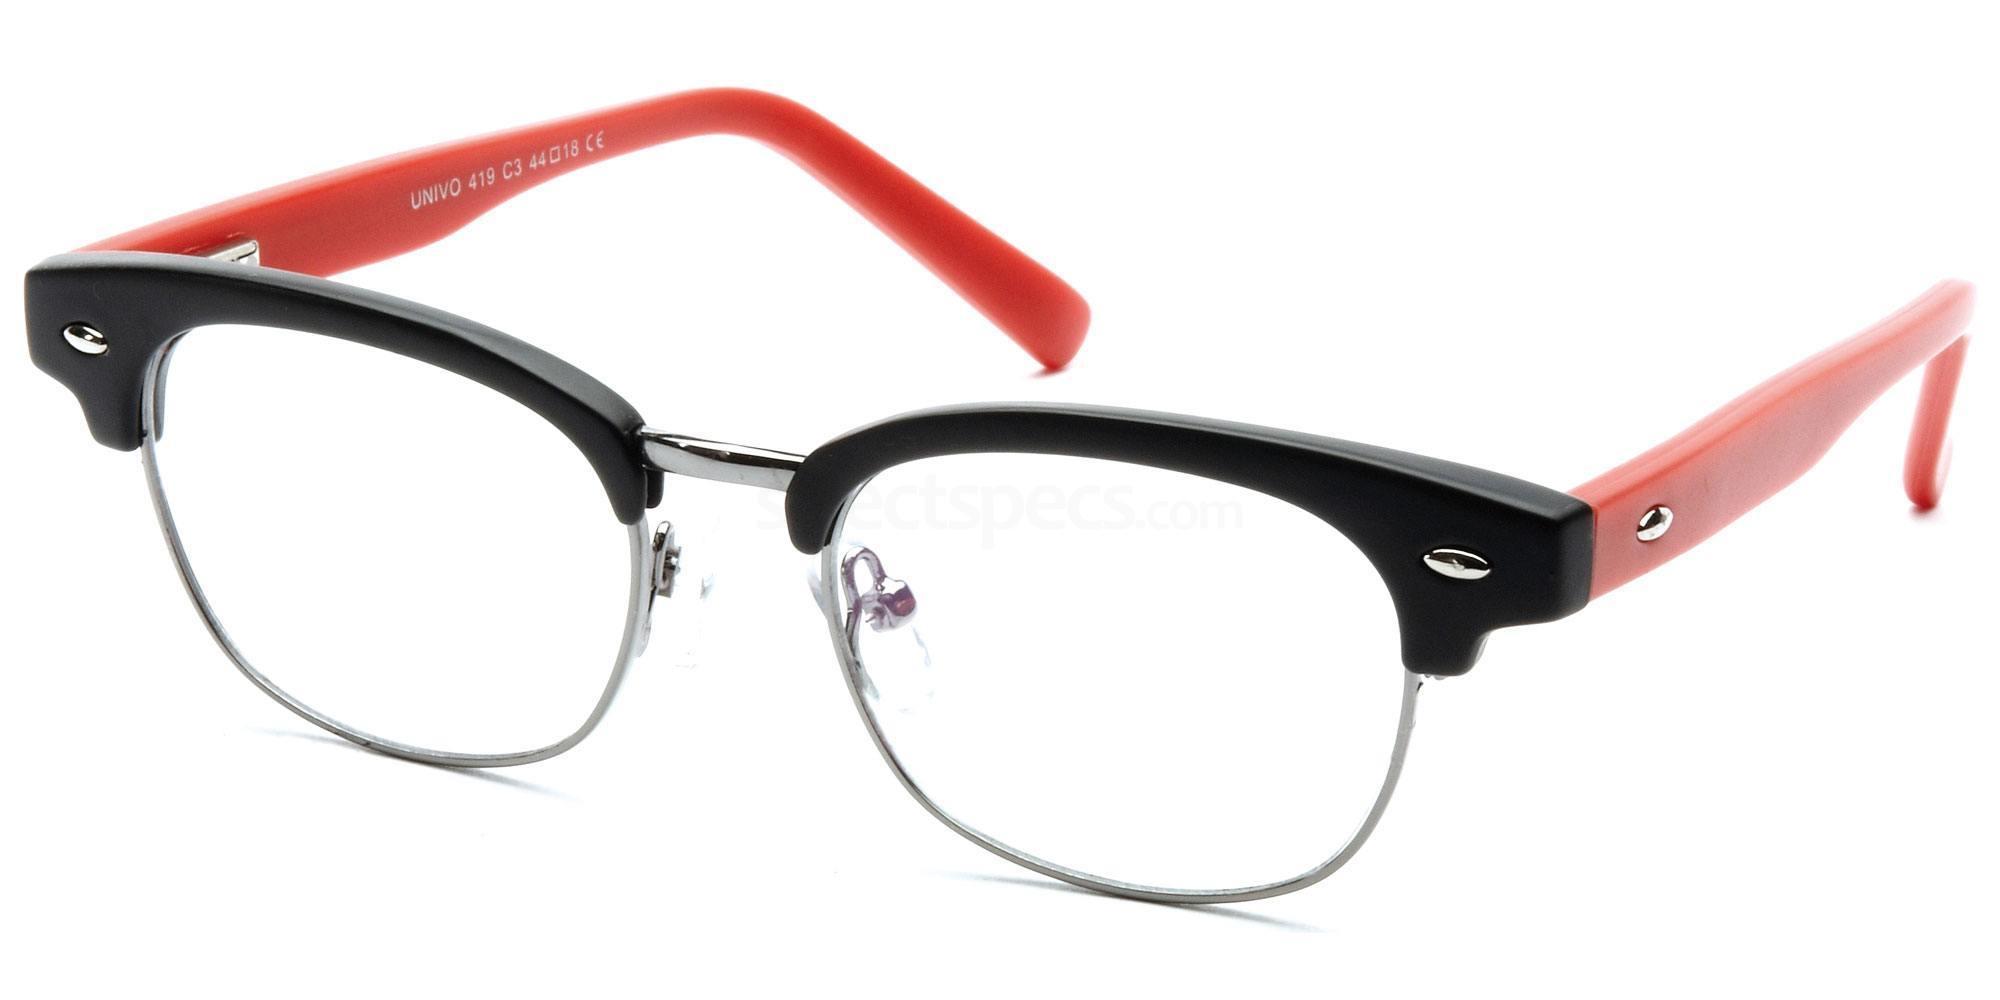 C3 U419 Glasses, Univo